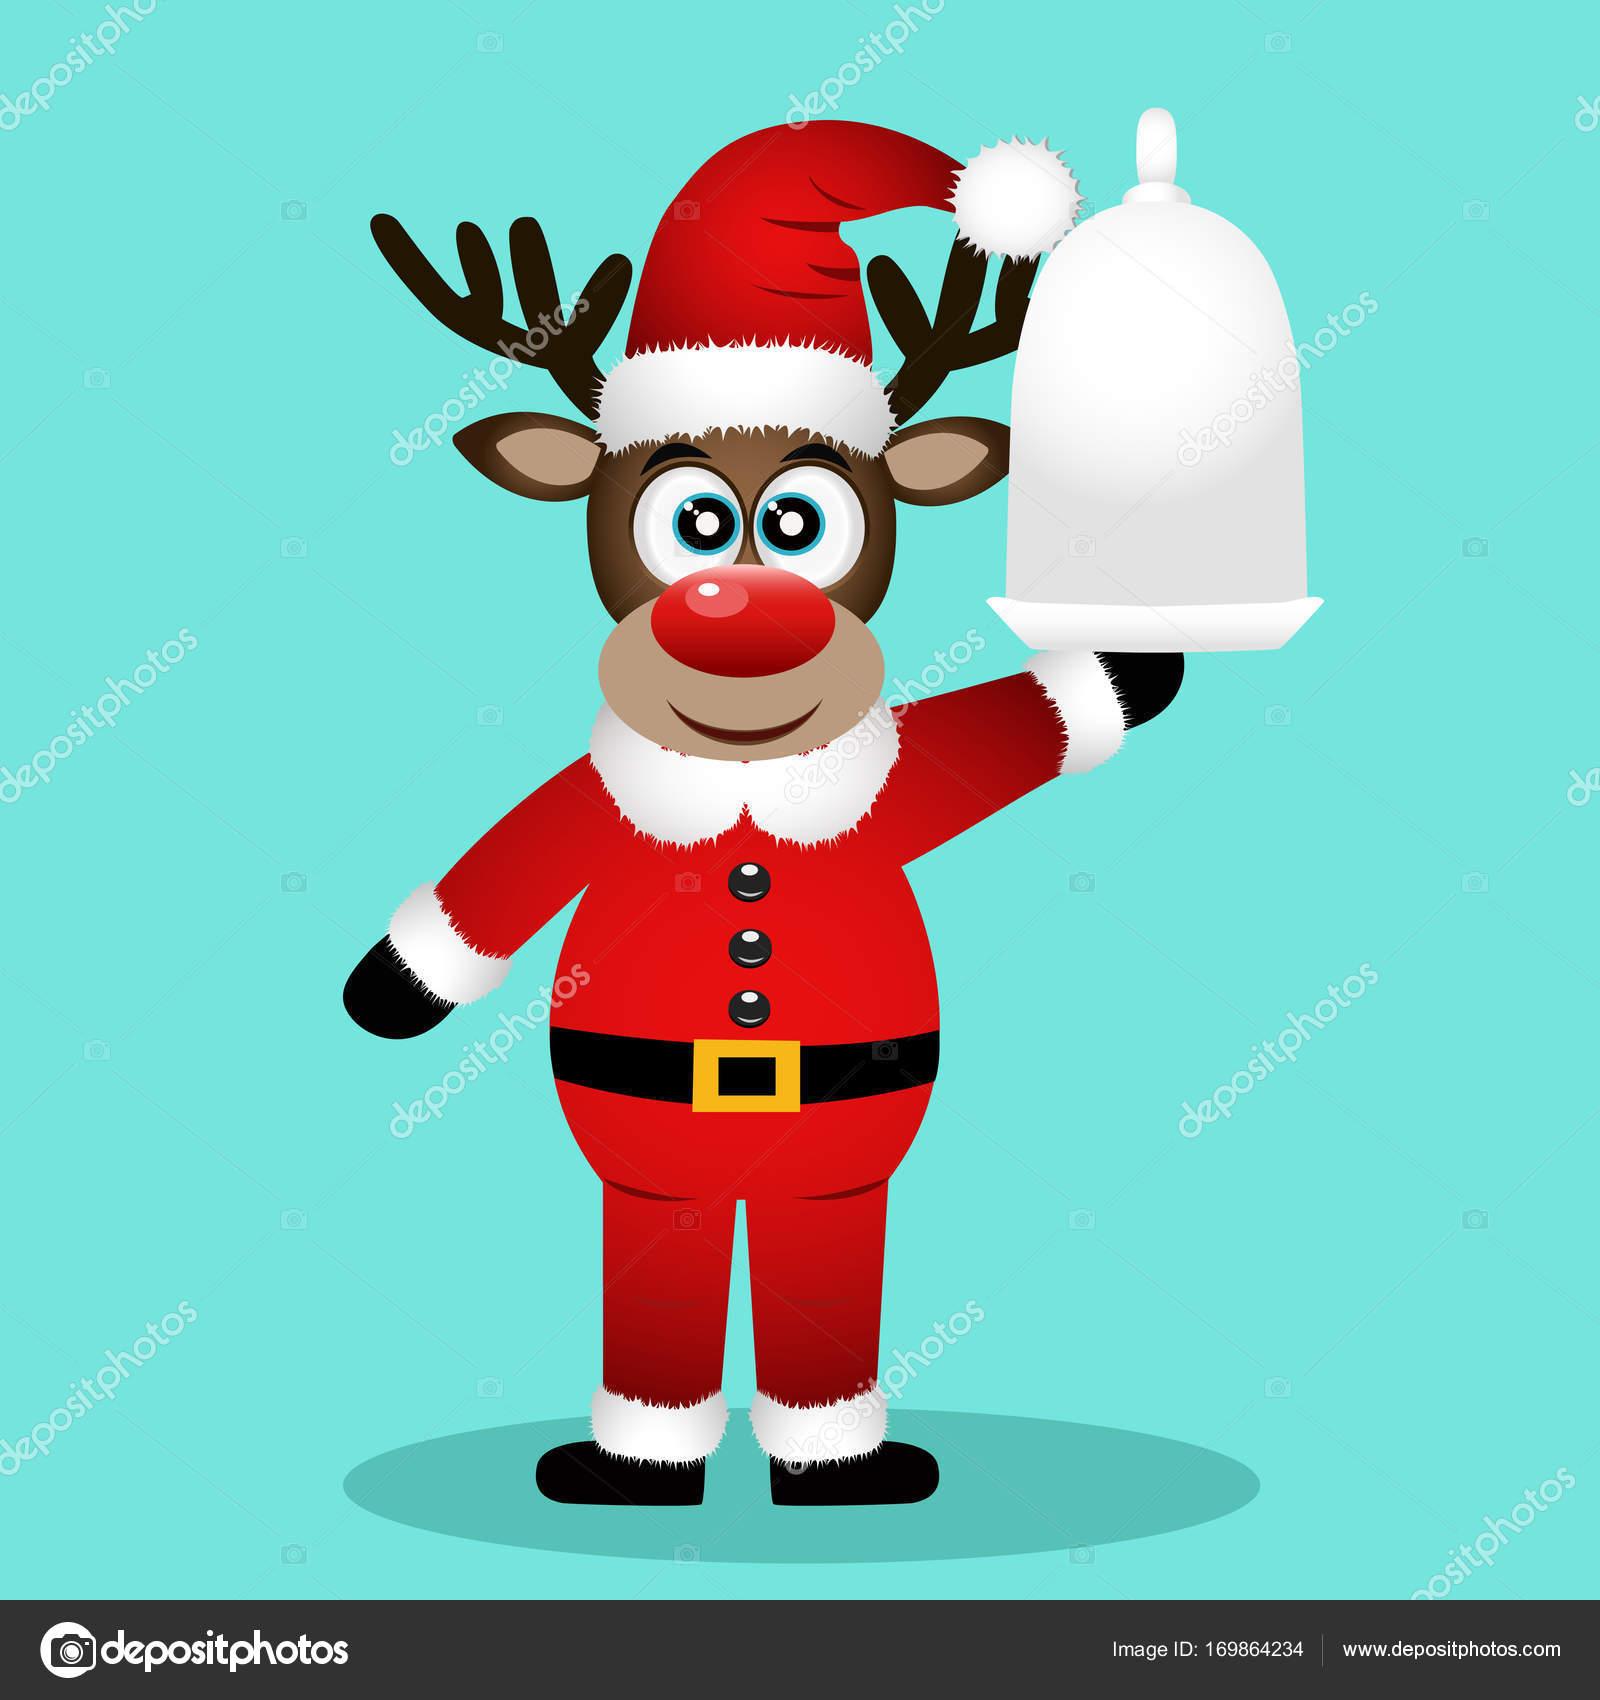 Lustige Bilder Weihnachtsessen.Weihnachten Rentier Weihnachtsessen Stockvektor